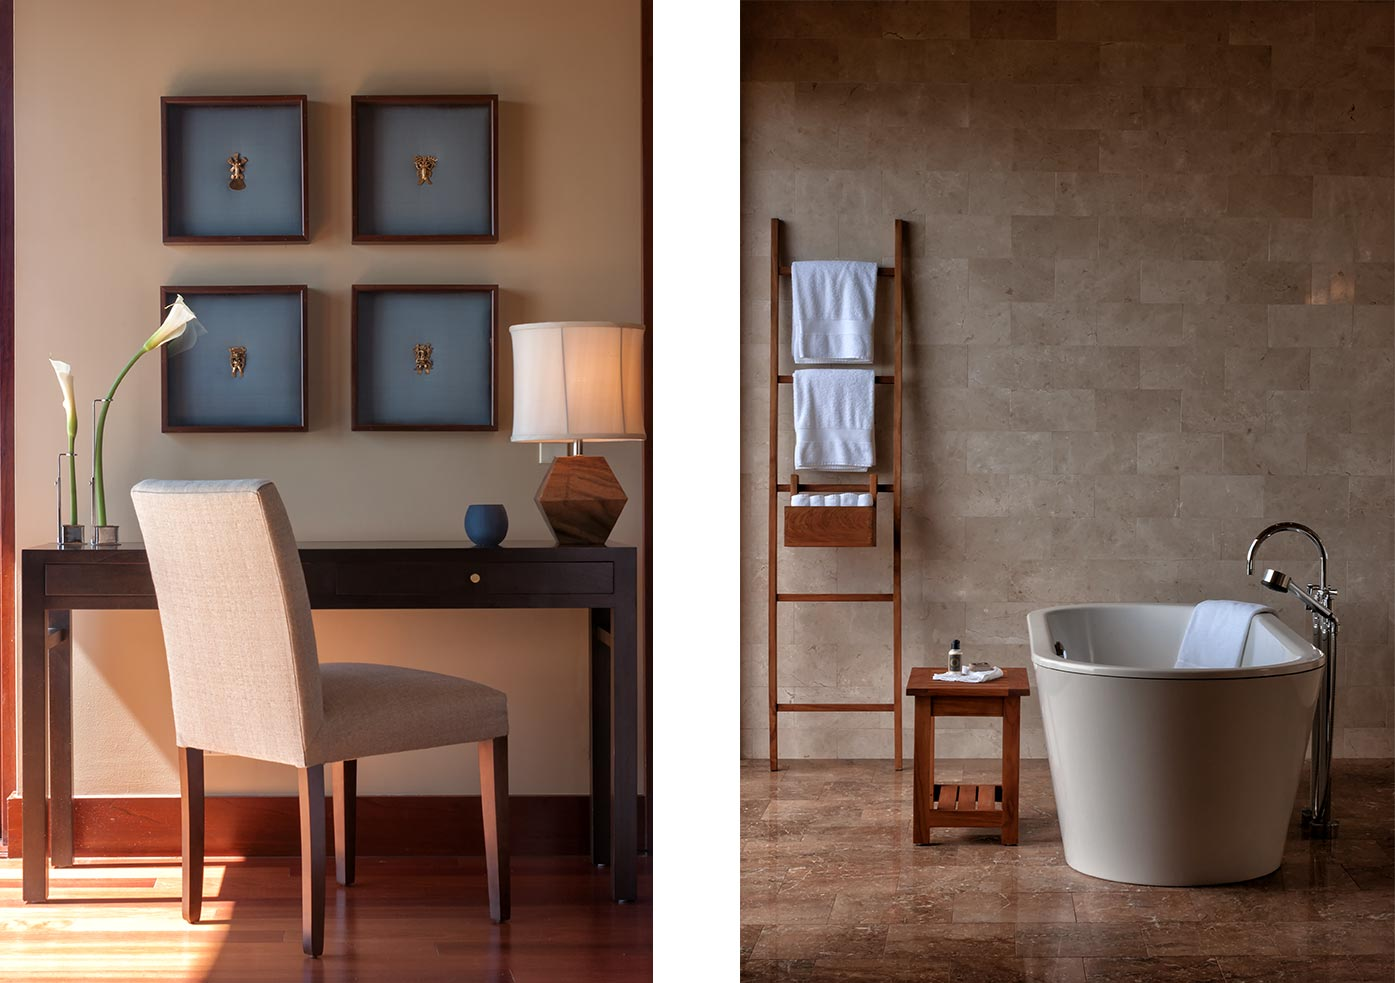 054 Interior design portafolio.jpg